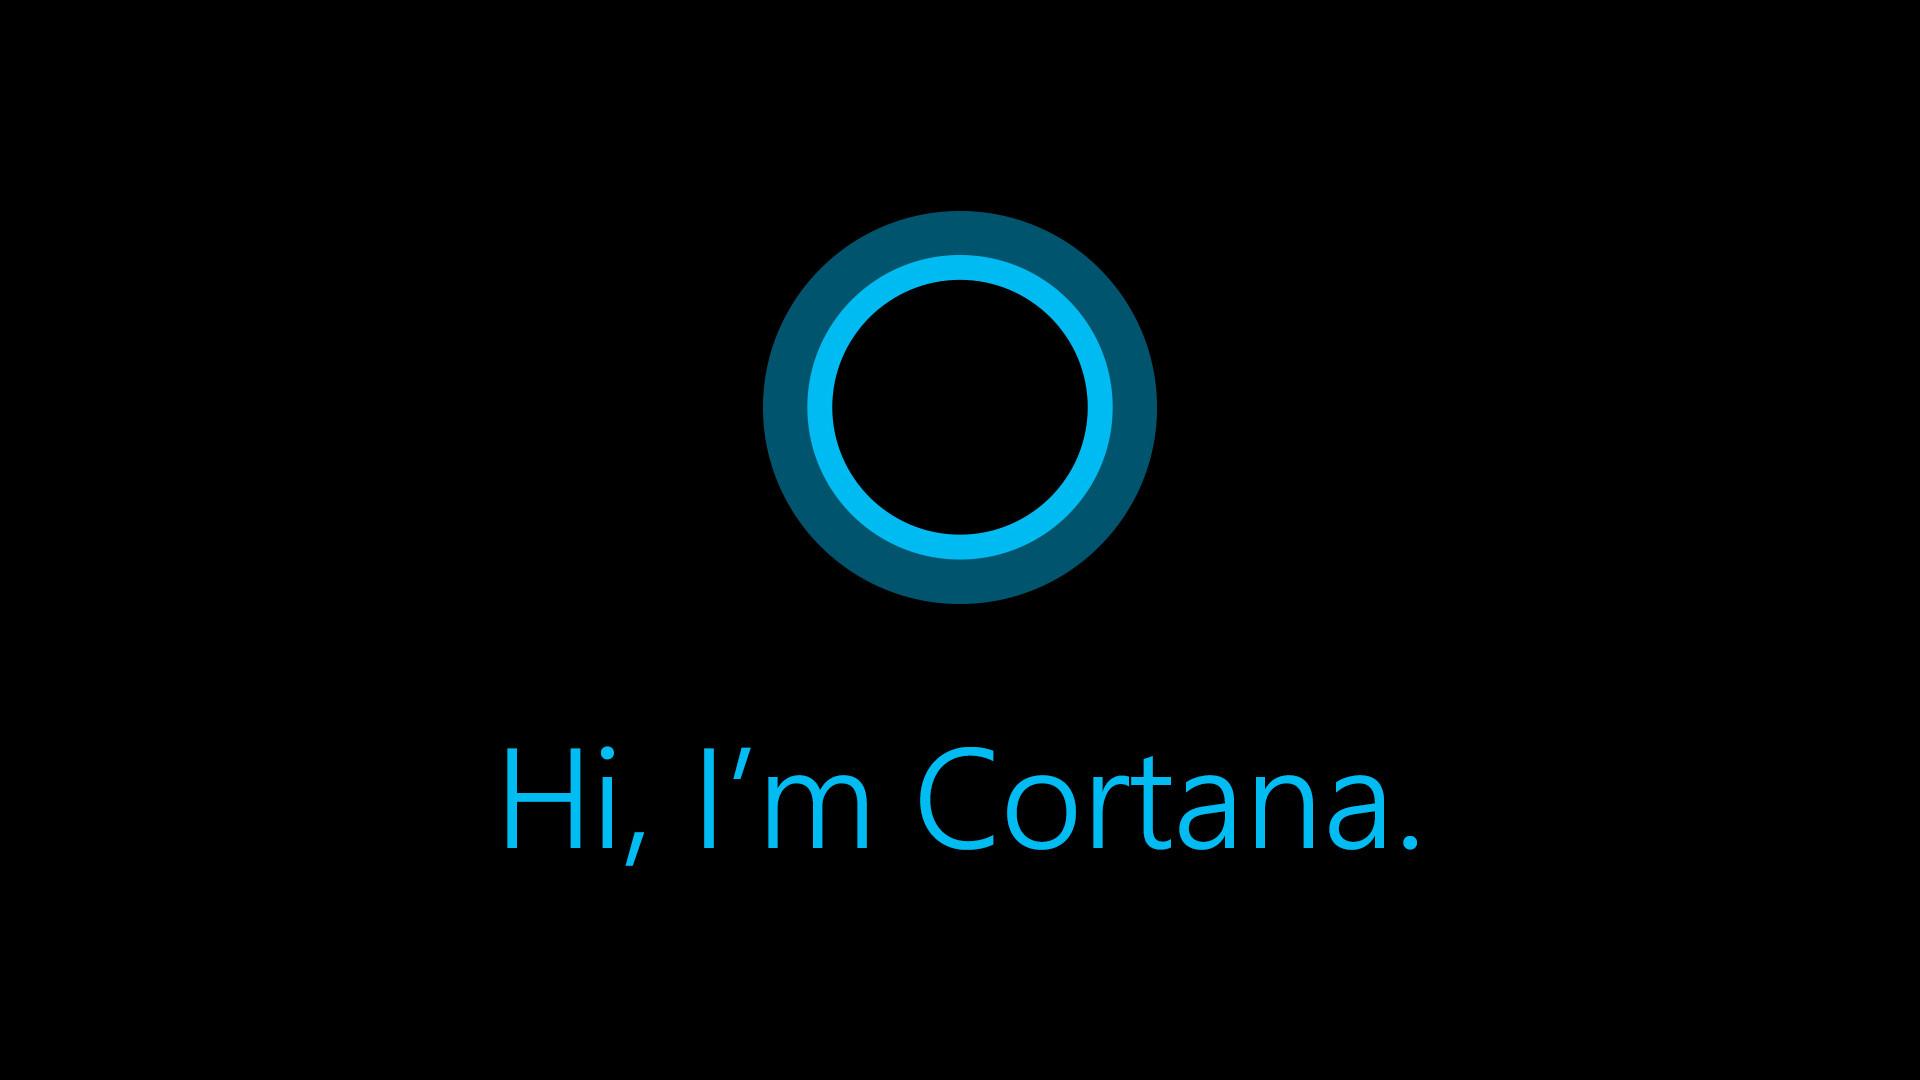 Die Sprachassistentin Cortana von Microsoft (Bild: Microsoft).